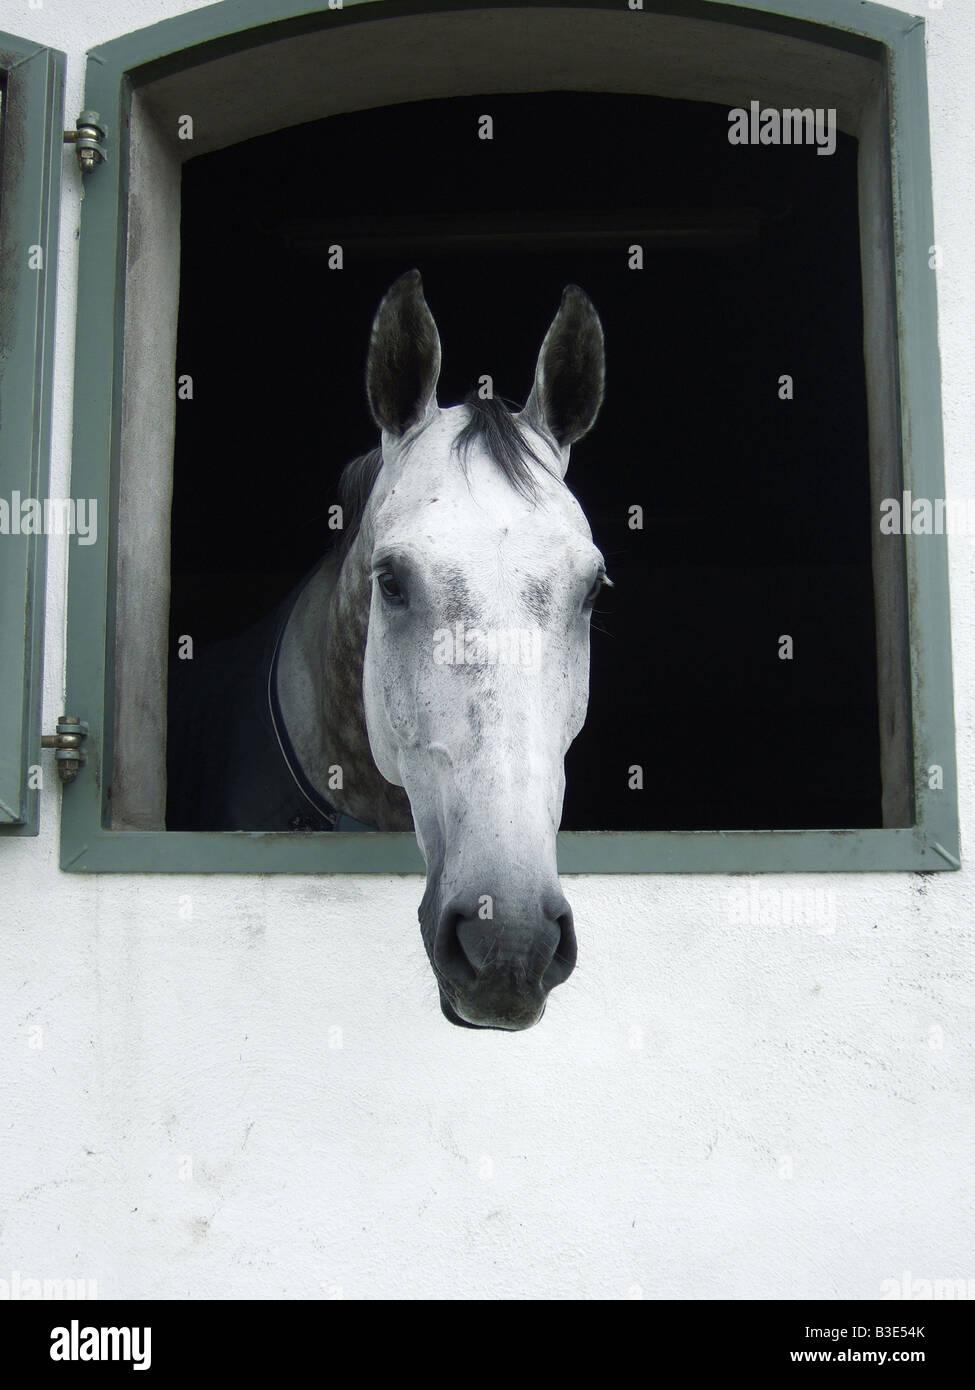 Un caballo mirando por la ventana del granero estable Imagen De Stock